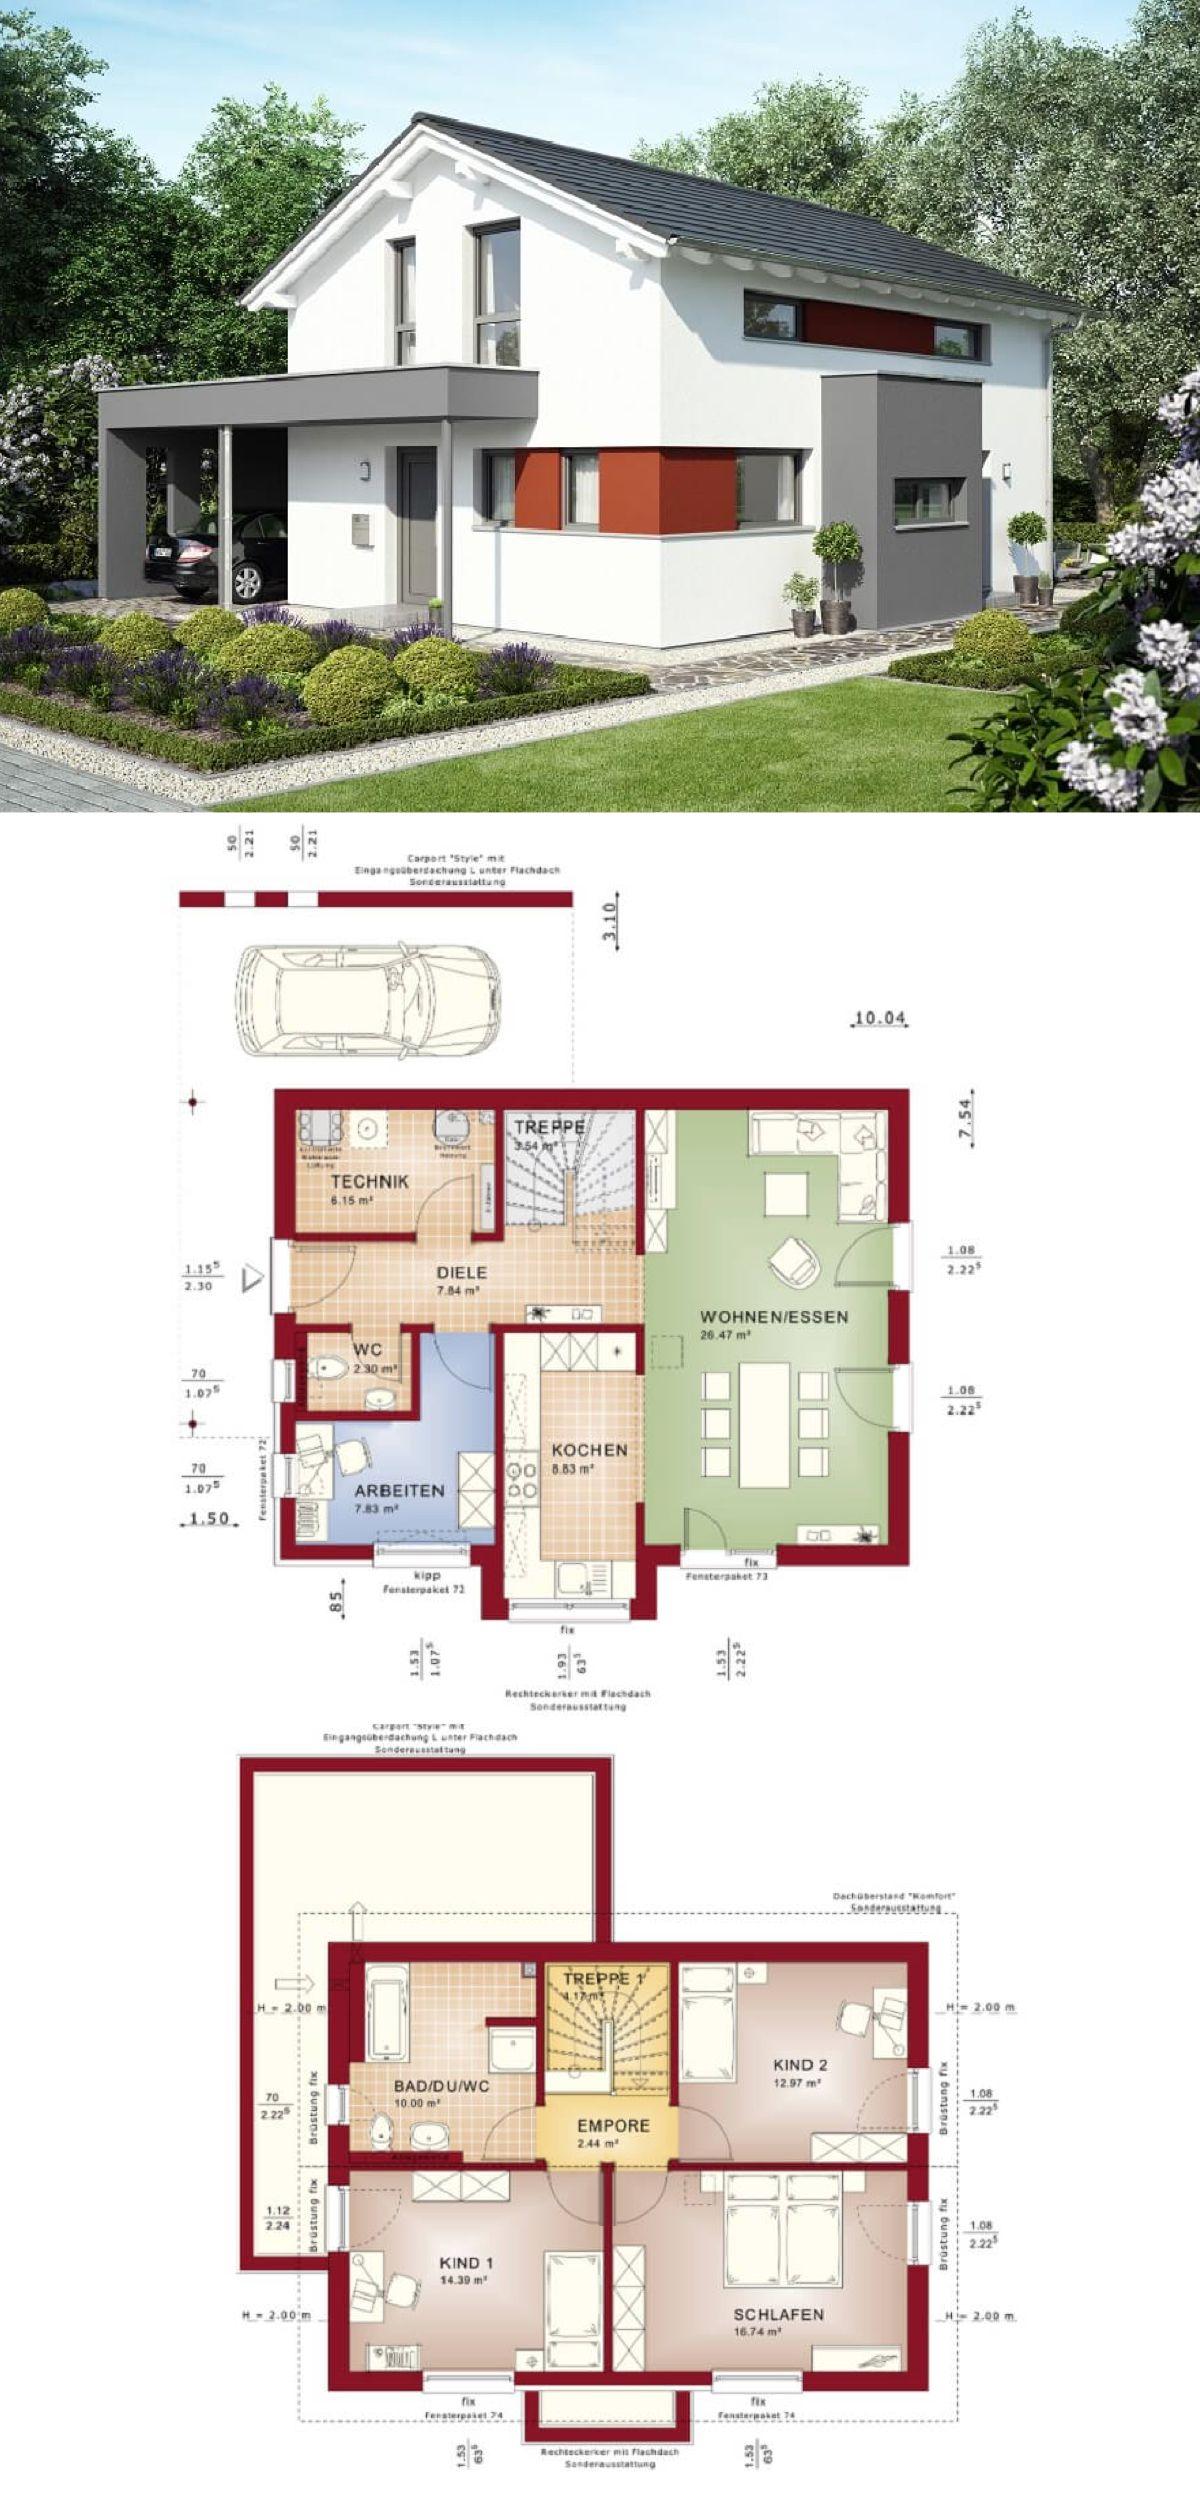 Astounding Satteldach Modern Referenz Von Architektur Mit - Edition 2 V2 Bien